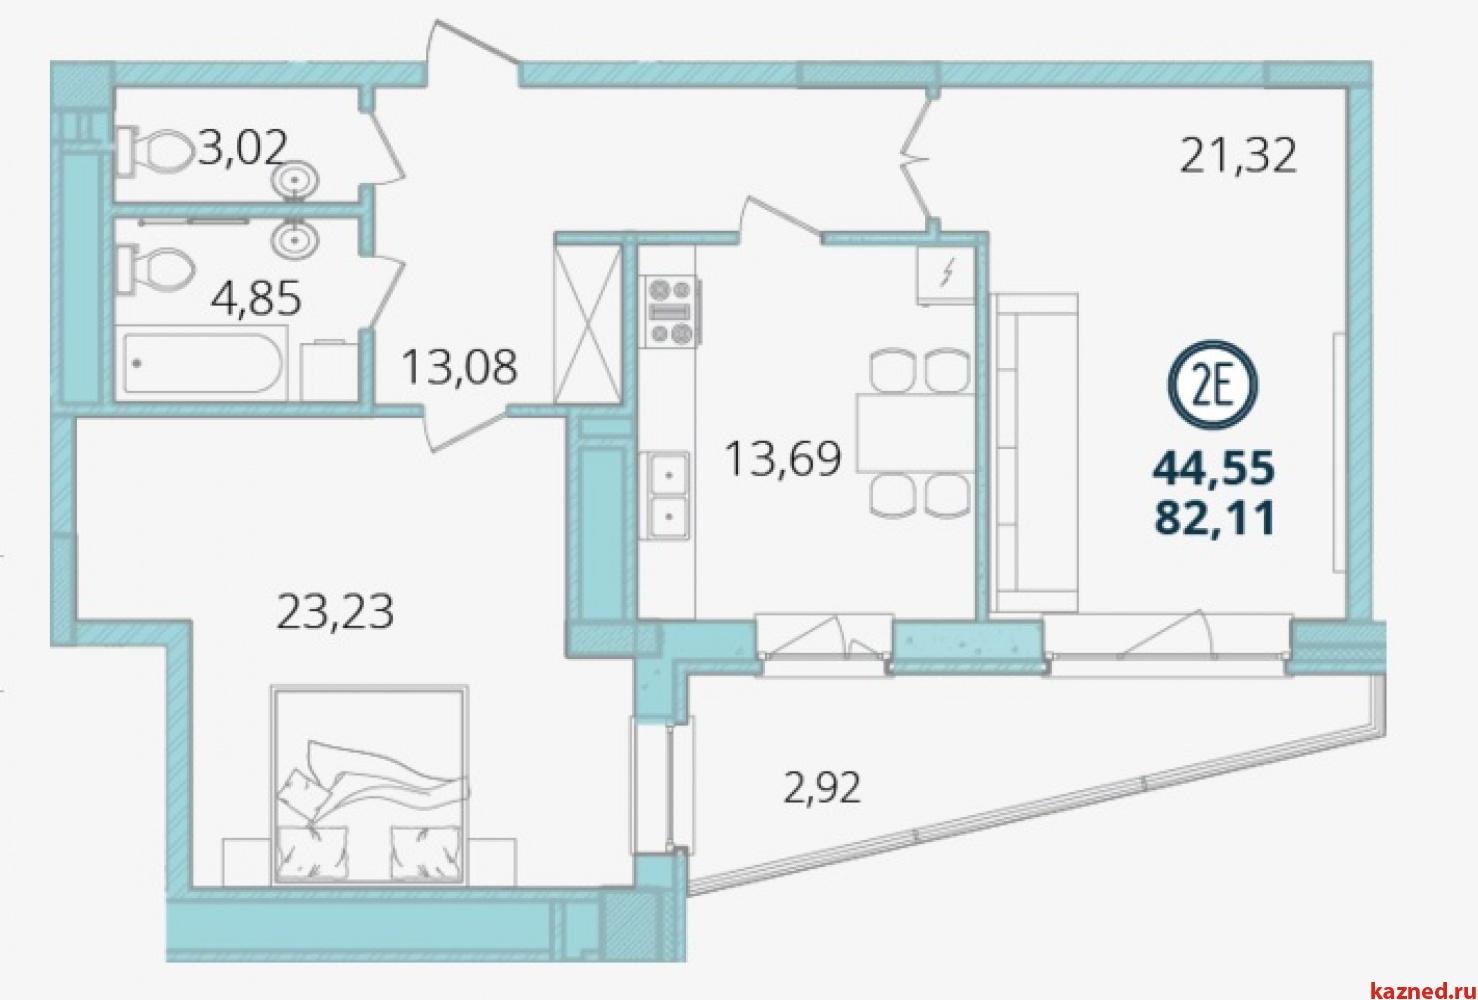 Продажа 2-к квартиры Дубравная д.16А-15 ЖК Экопарк Дубрава, 82 м2  (миниатюра №2)